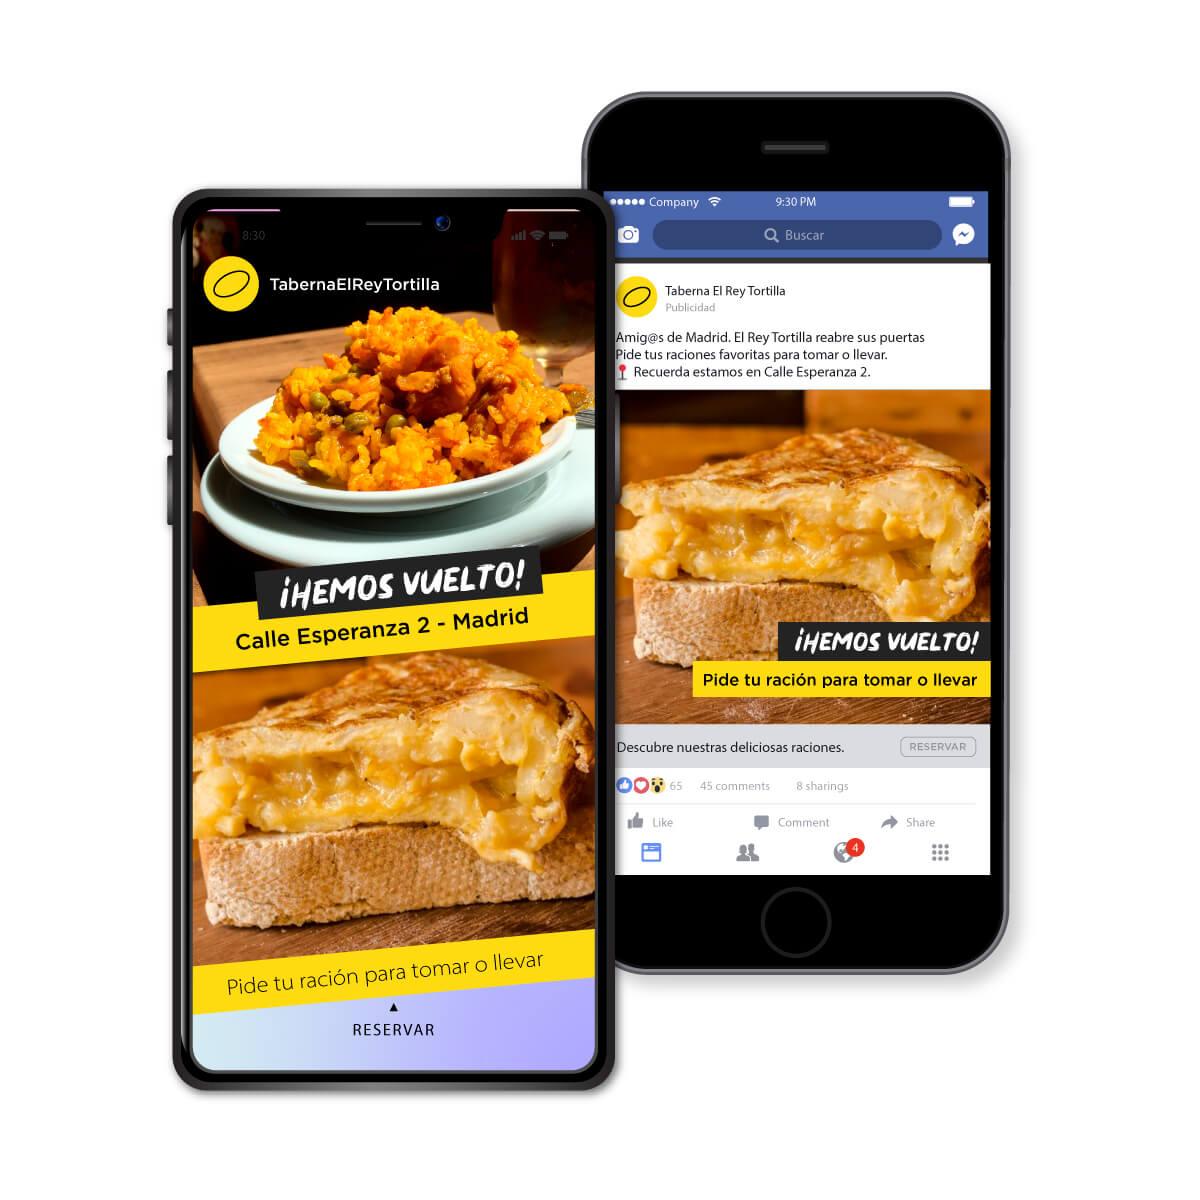 anuncios-en-redes-sociales